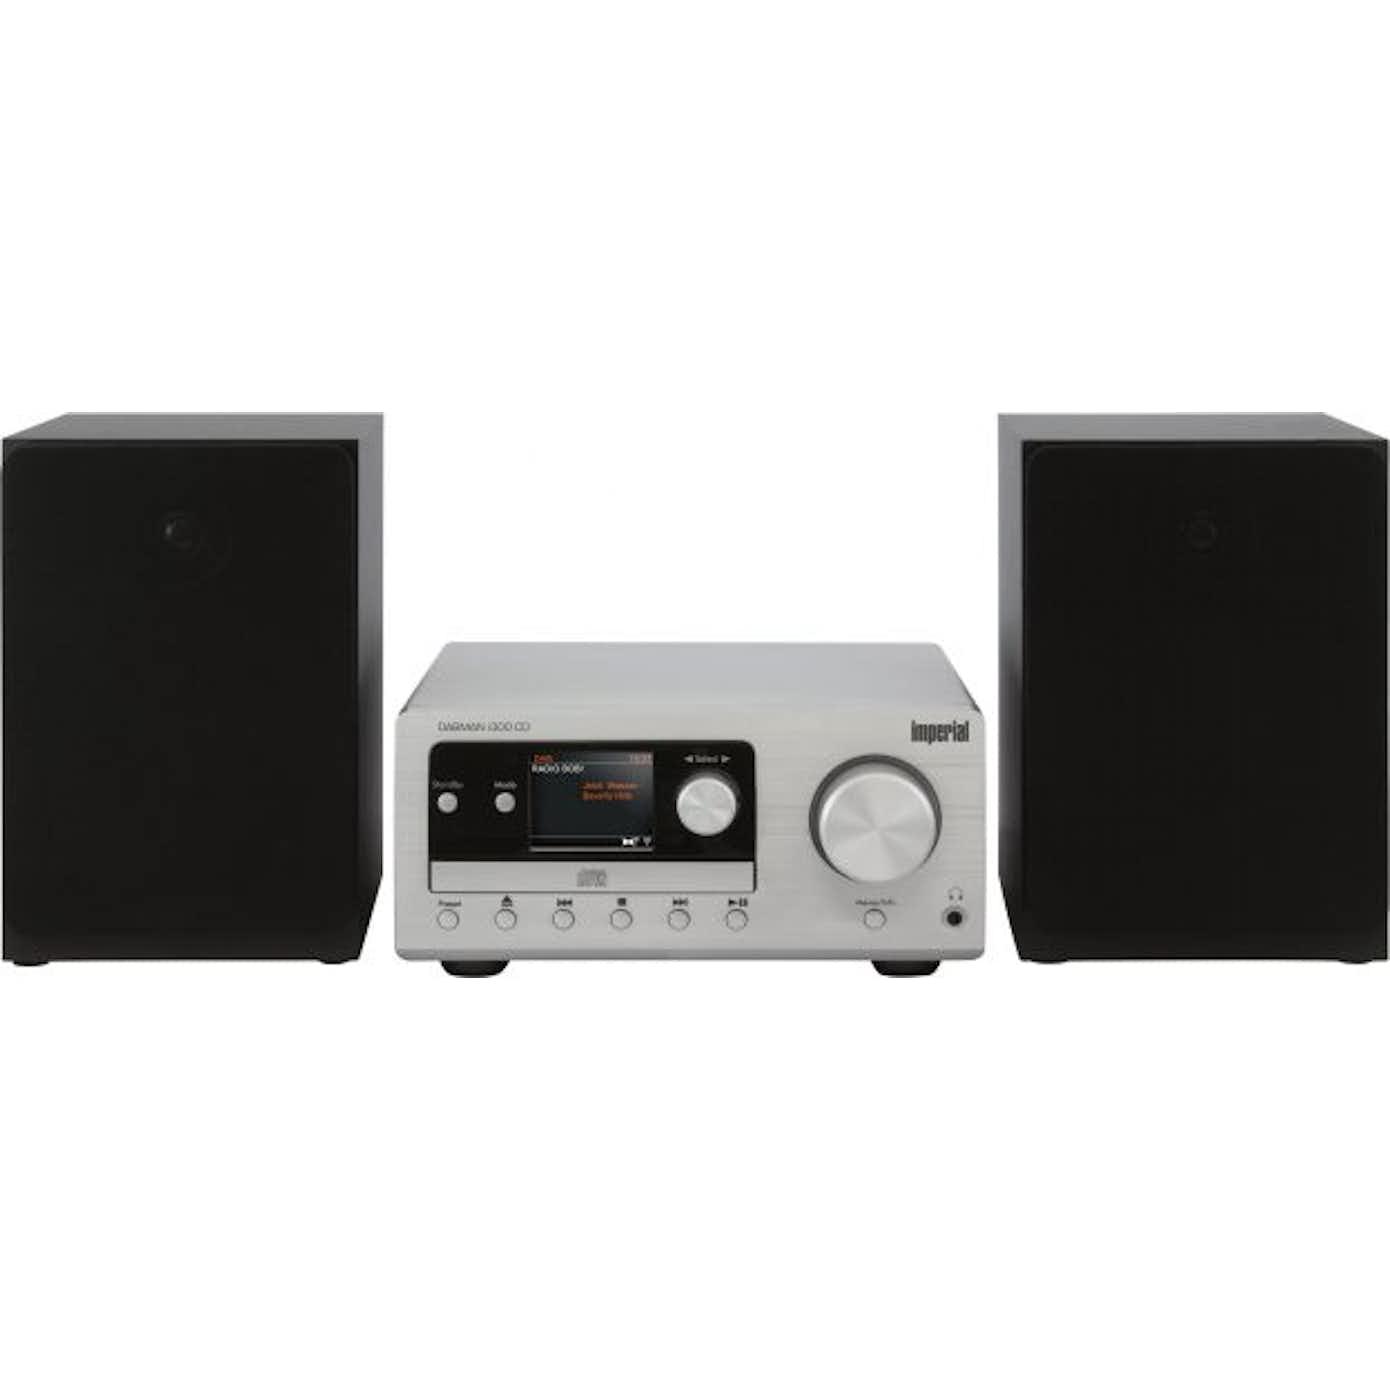 Imperial DABMAN i300 CD Minianlæg med DAB+ og Bluetooth